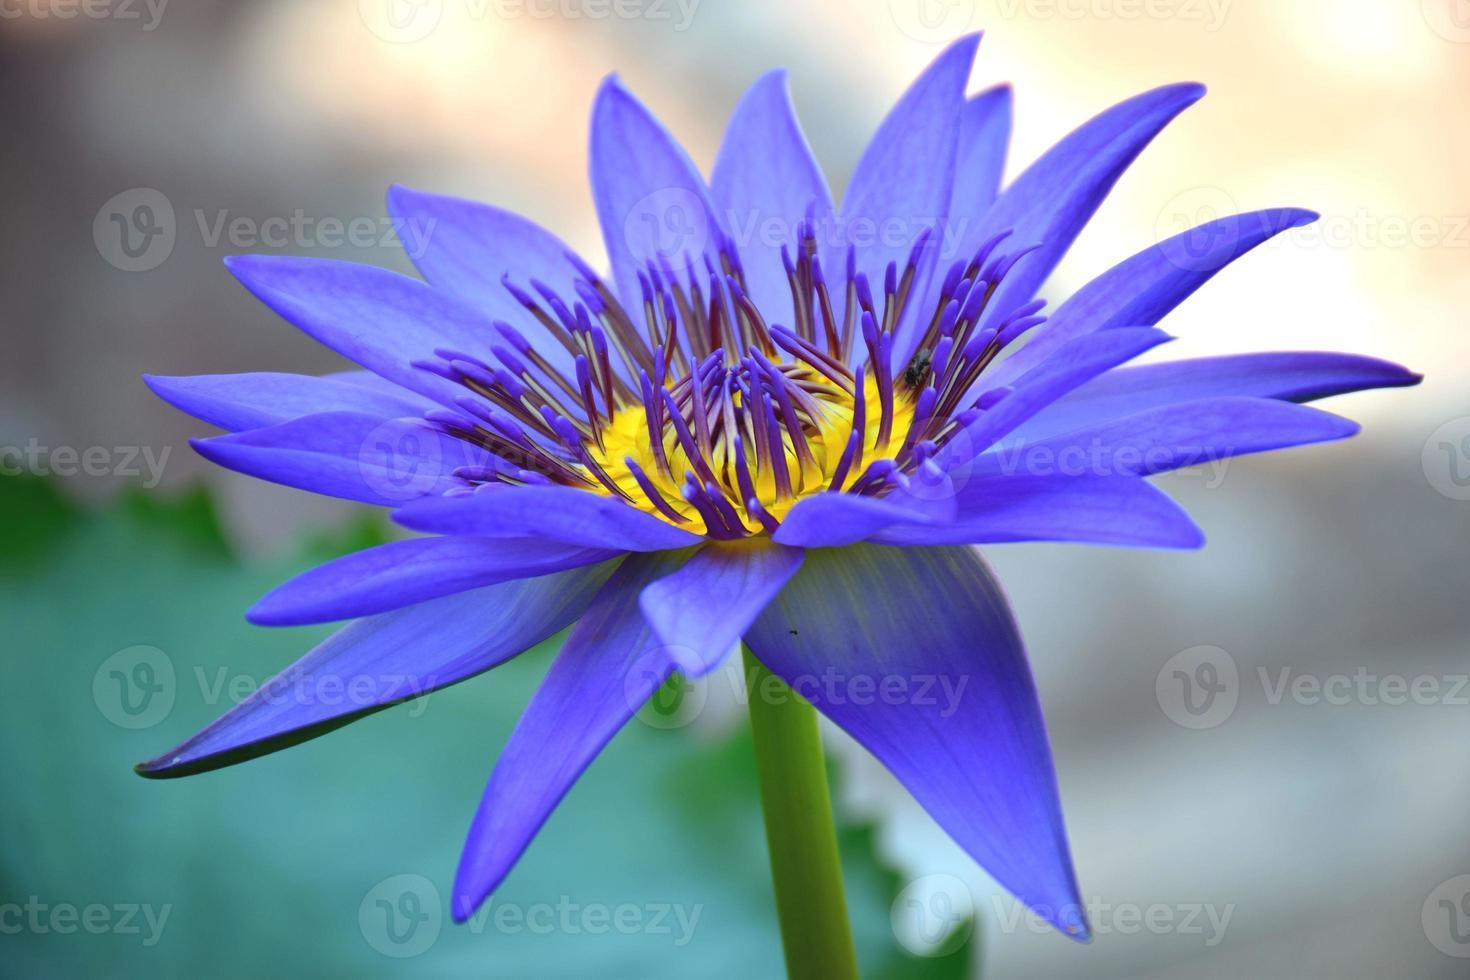 il fiore di loto viola al mattino. foto